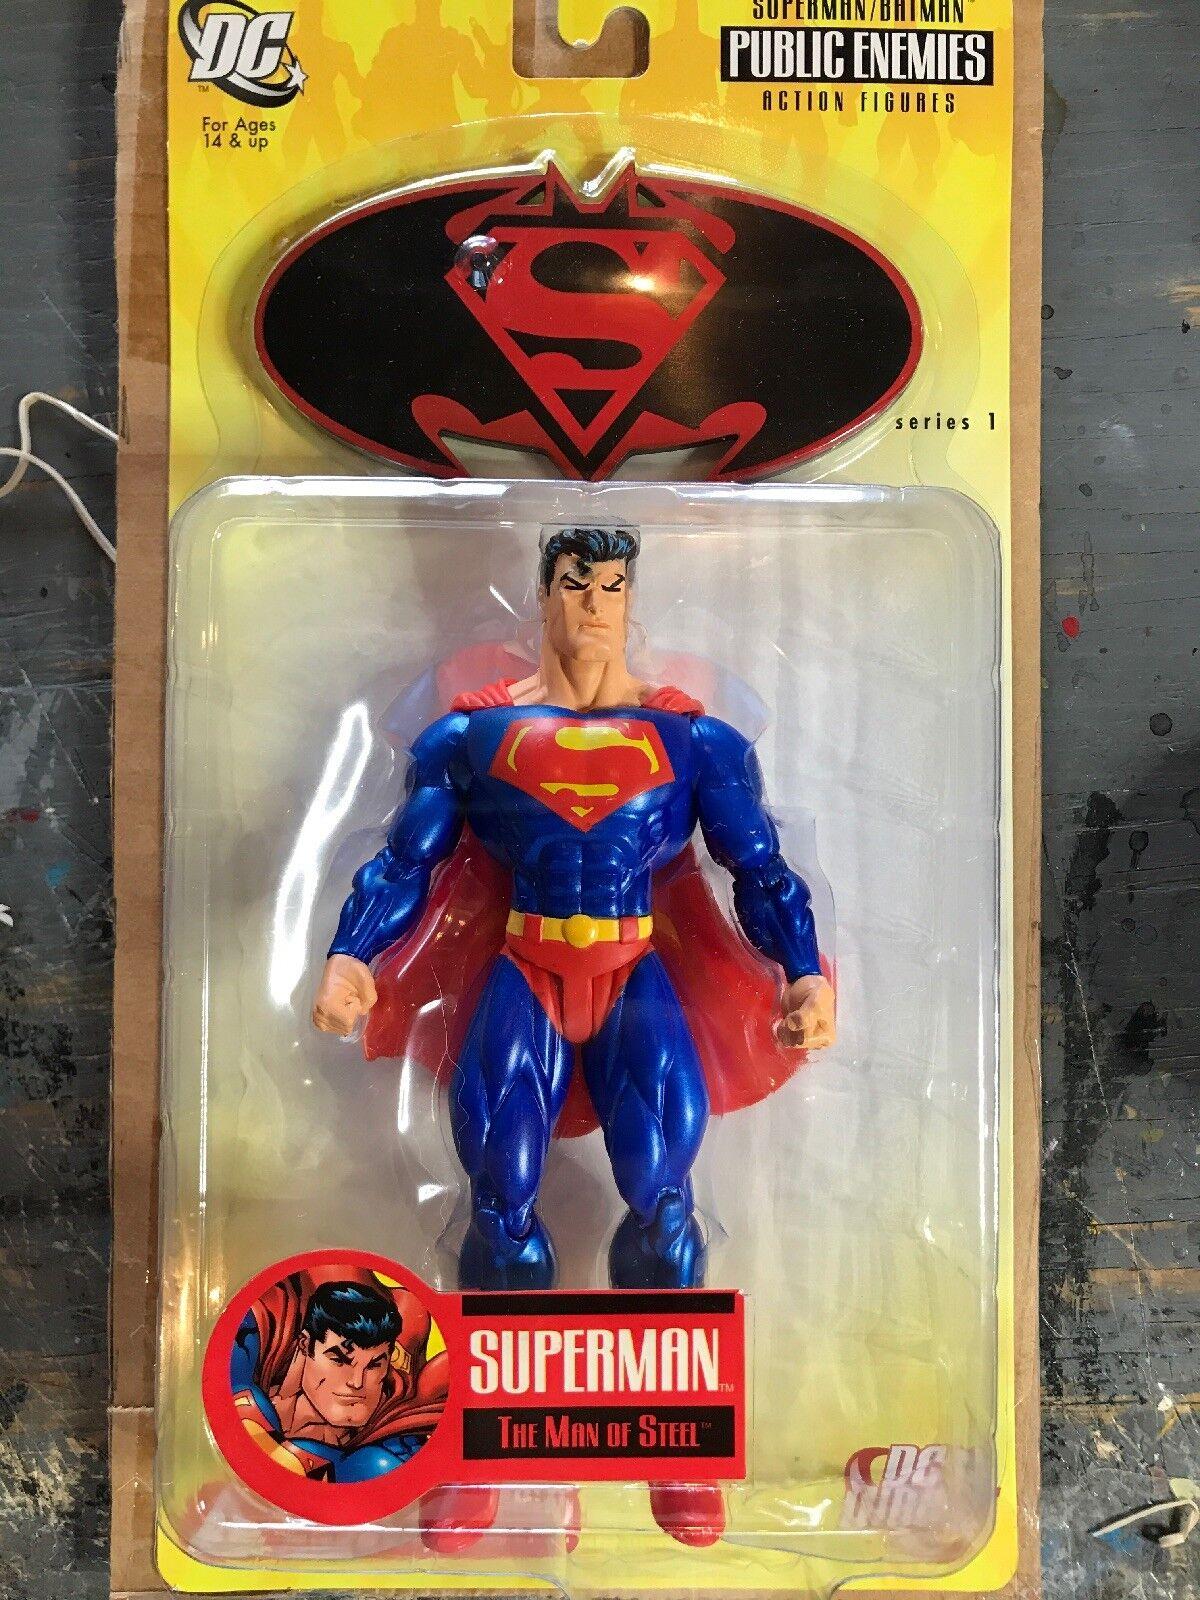 2005-DC DIRECT -Superman FIGURE-PUBLIC ENEMIES MISP SER.1-CASE SER.1-CASE SER.1-CASE FIGURE MINT a909a7